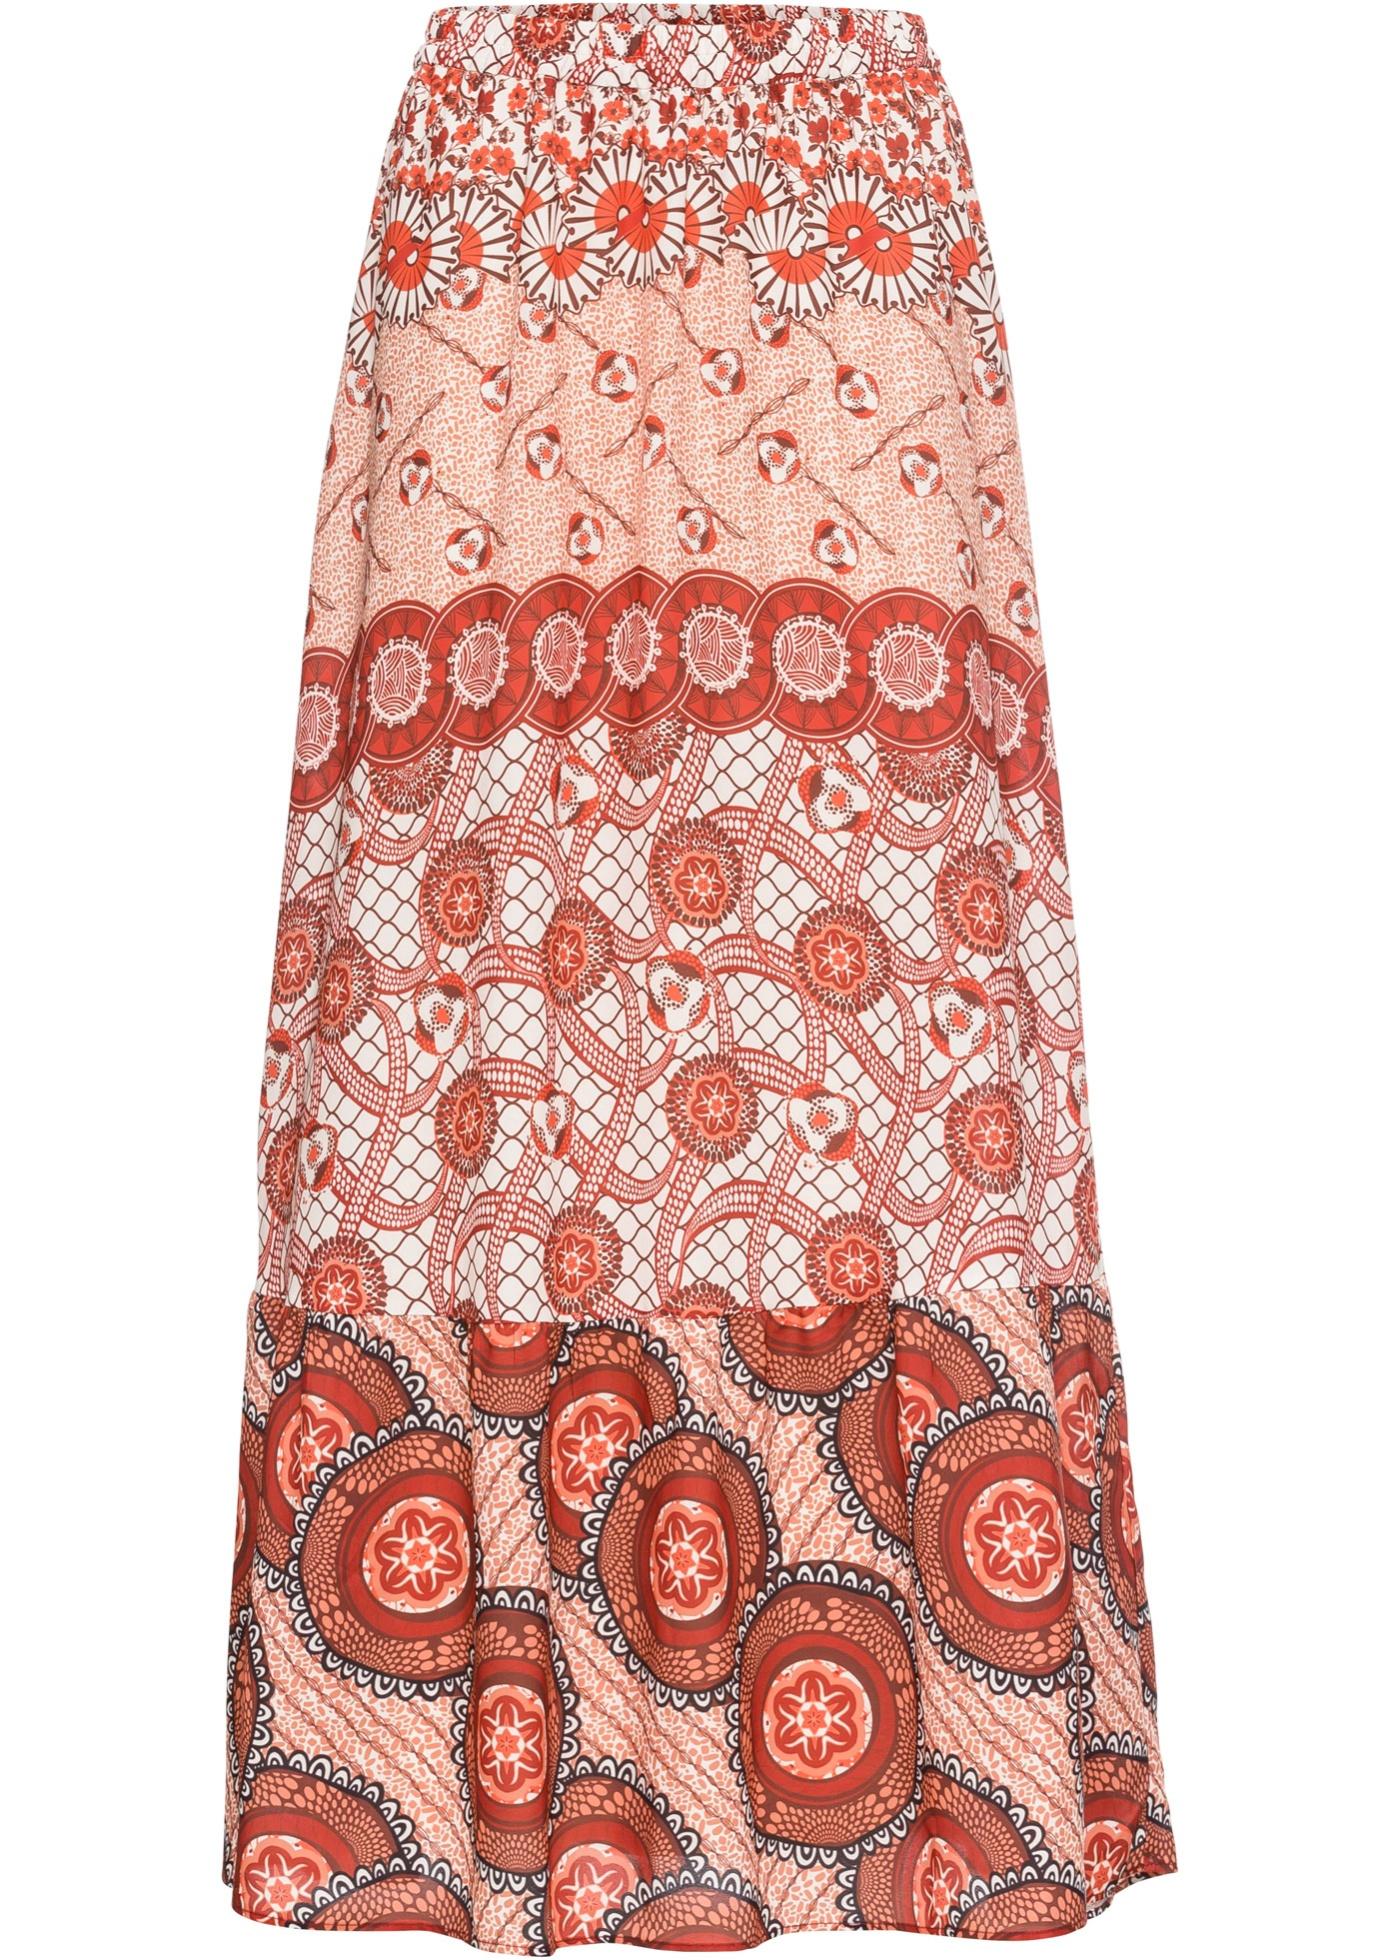 Bedruckter Maxirock in rot für Damen von bonprix